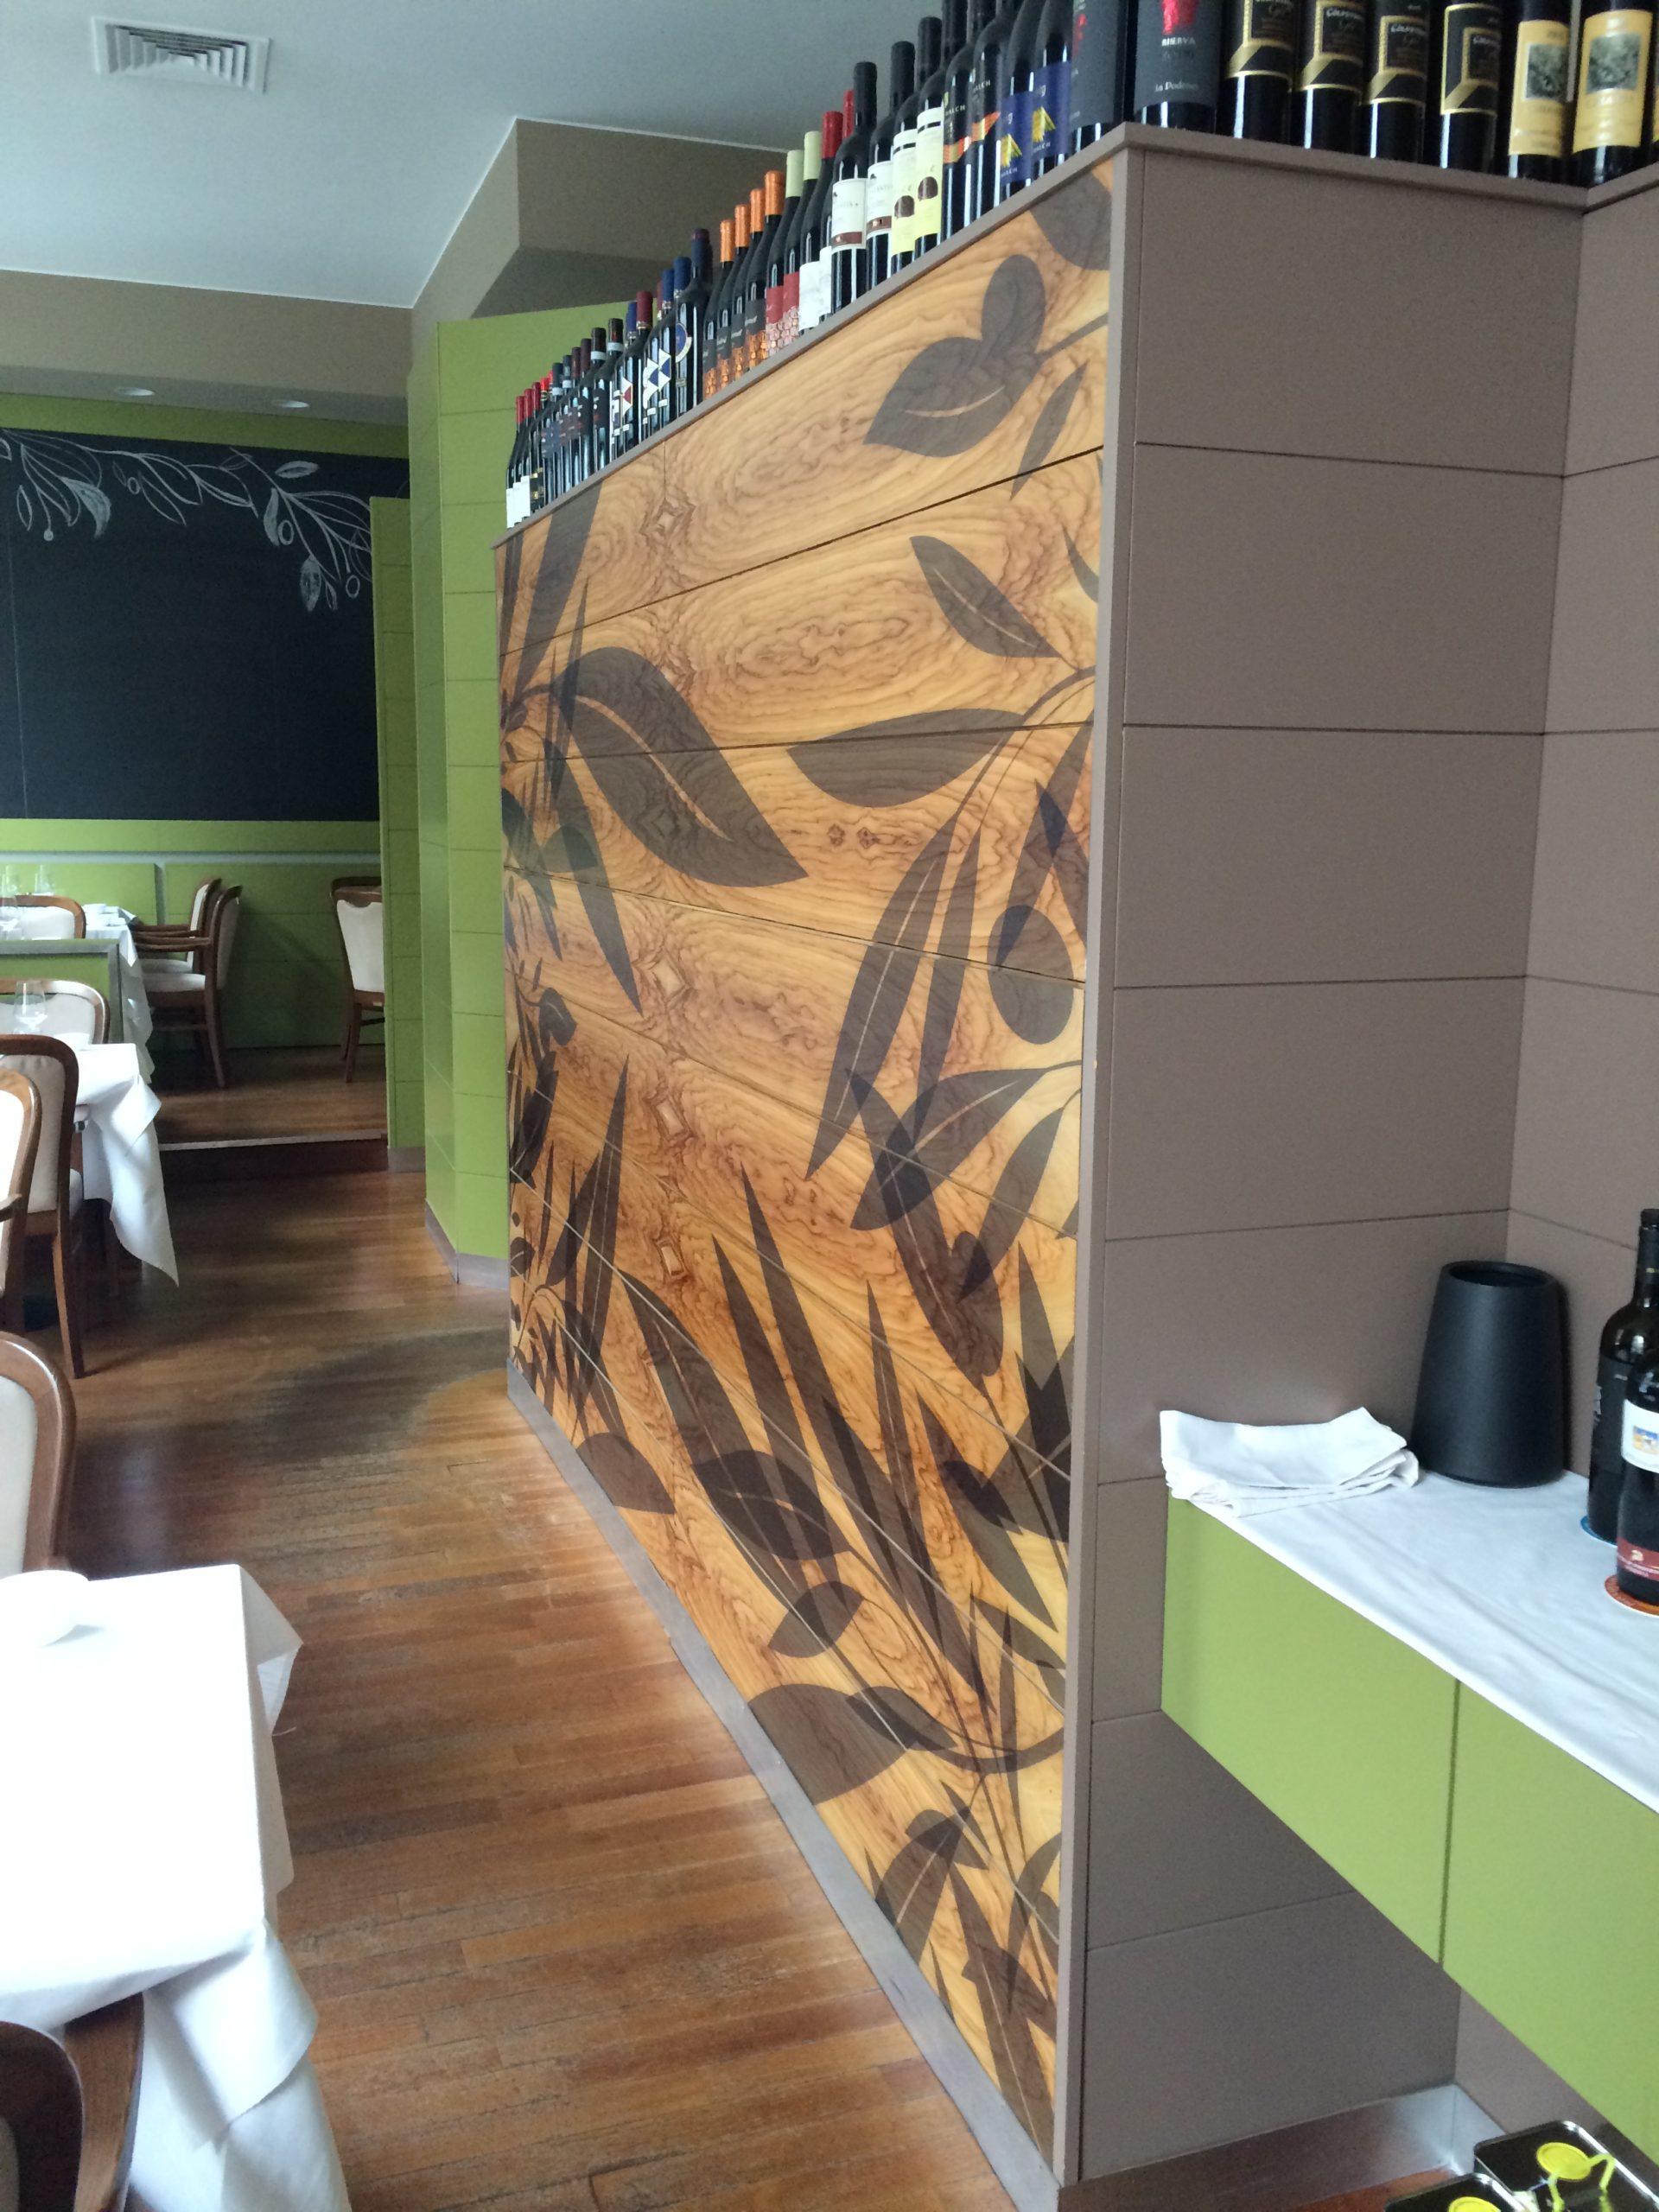 6. Vista corridoio sala ristorazione con pavimento in doghe di legno disposte a cassero regolare: stato di fatto.